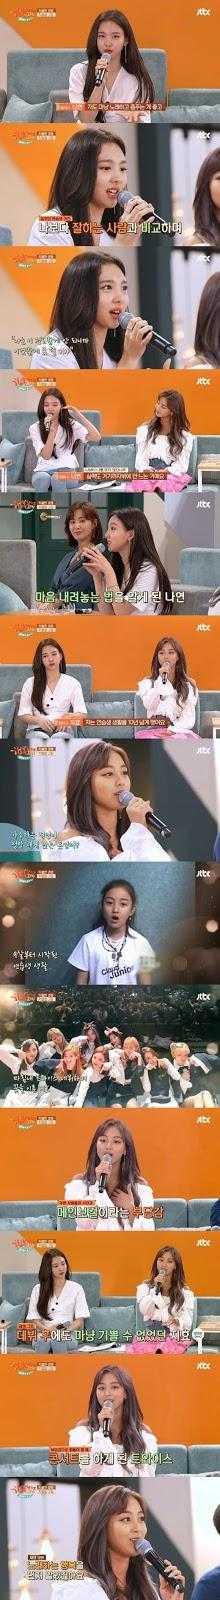 Jihyo ana vokal olmanın stresi sebebiyle ağladığını anlattı